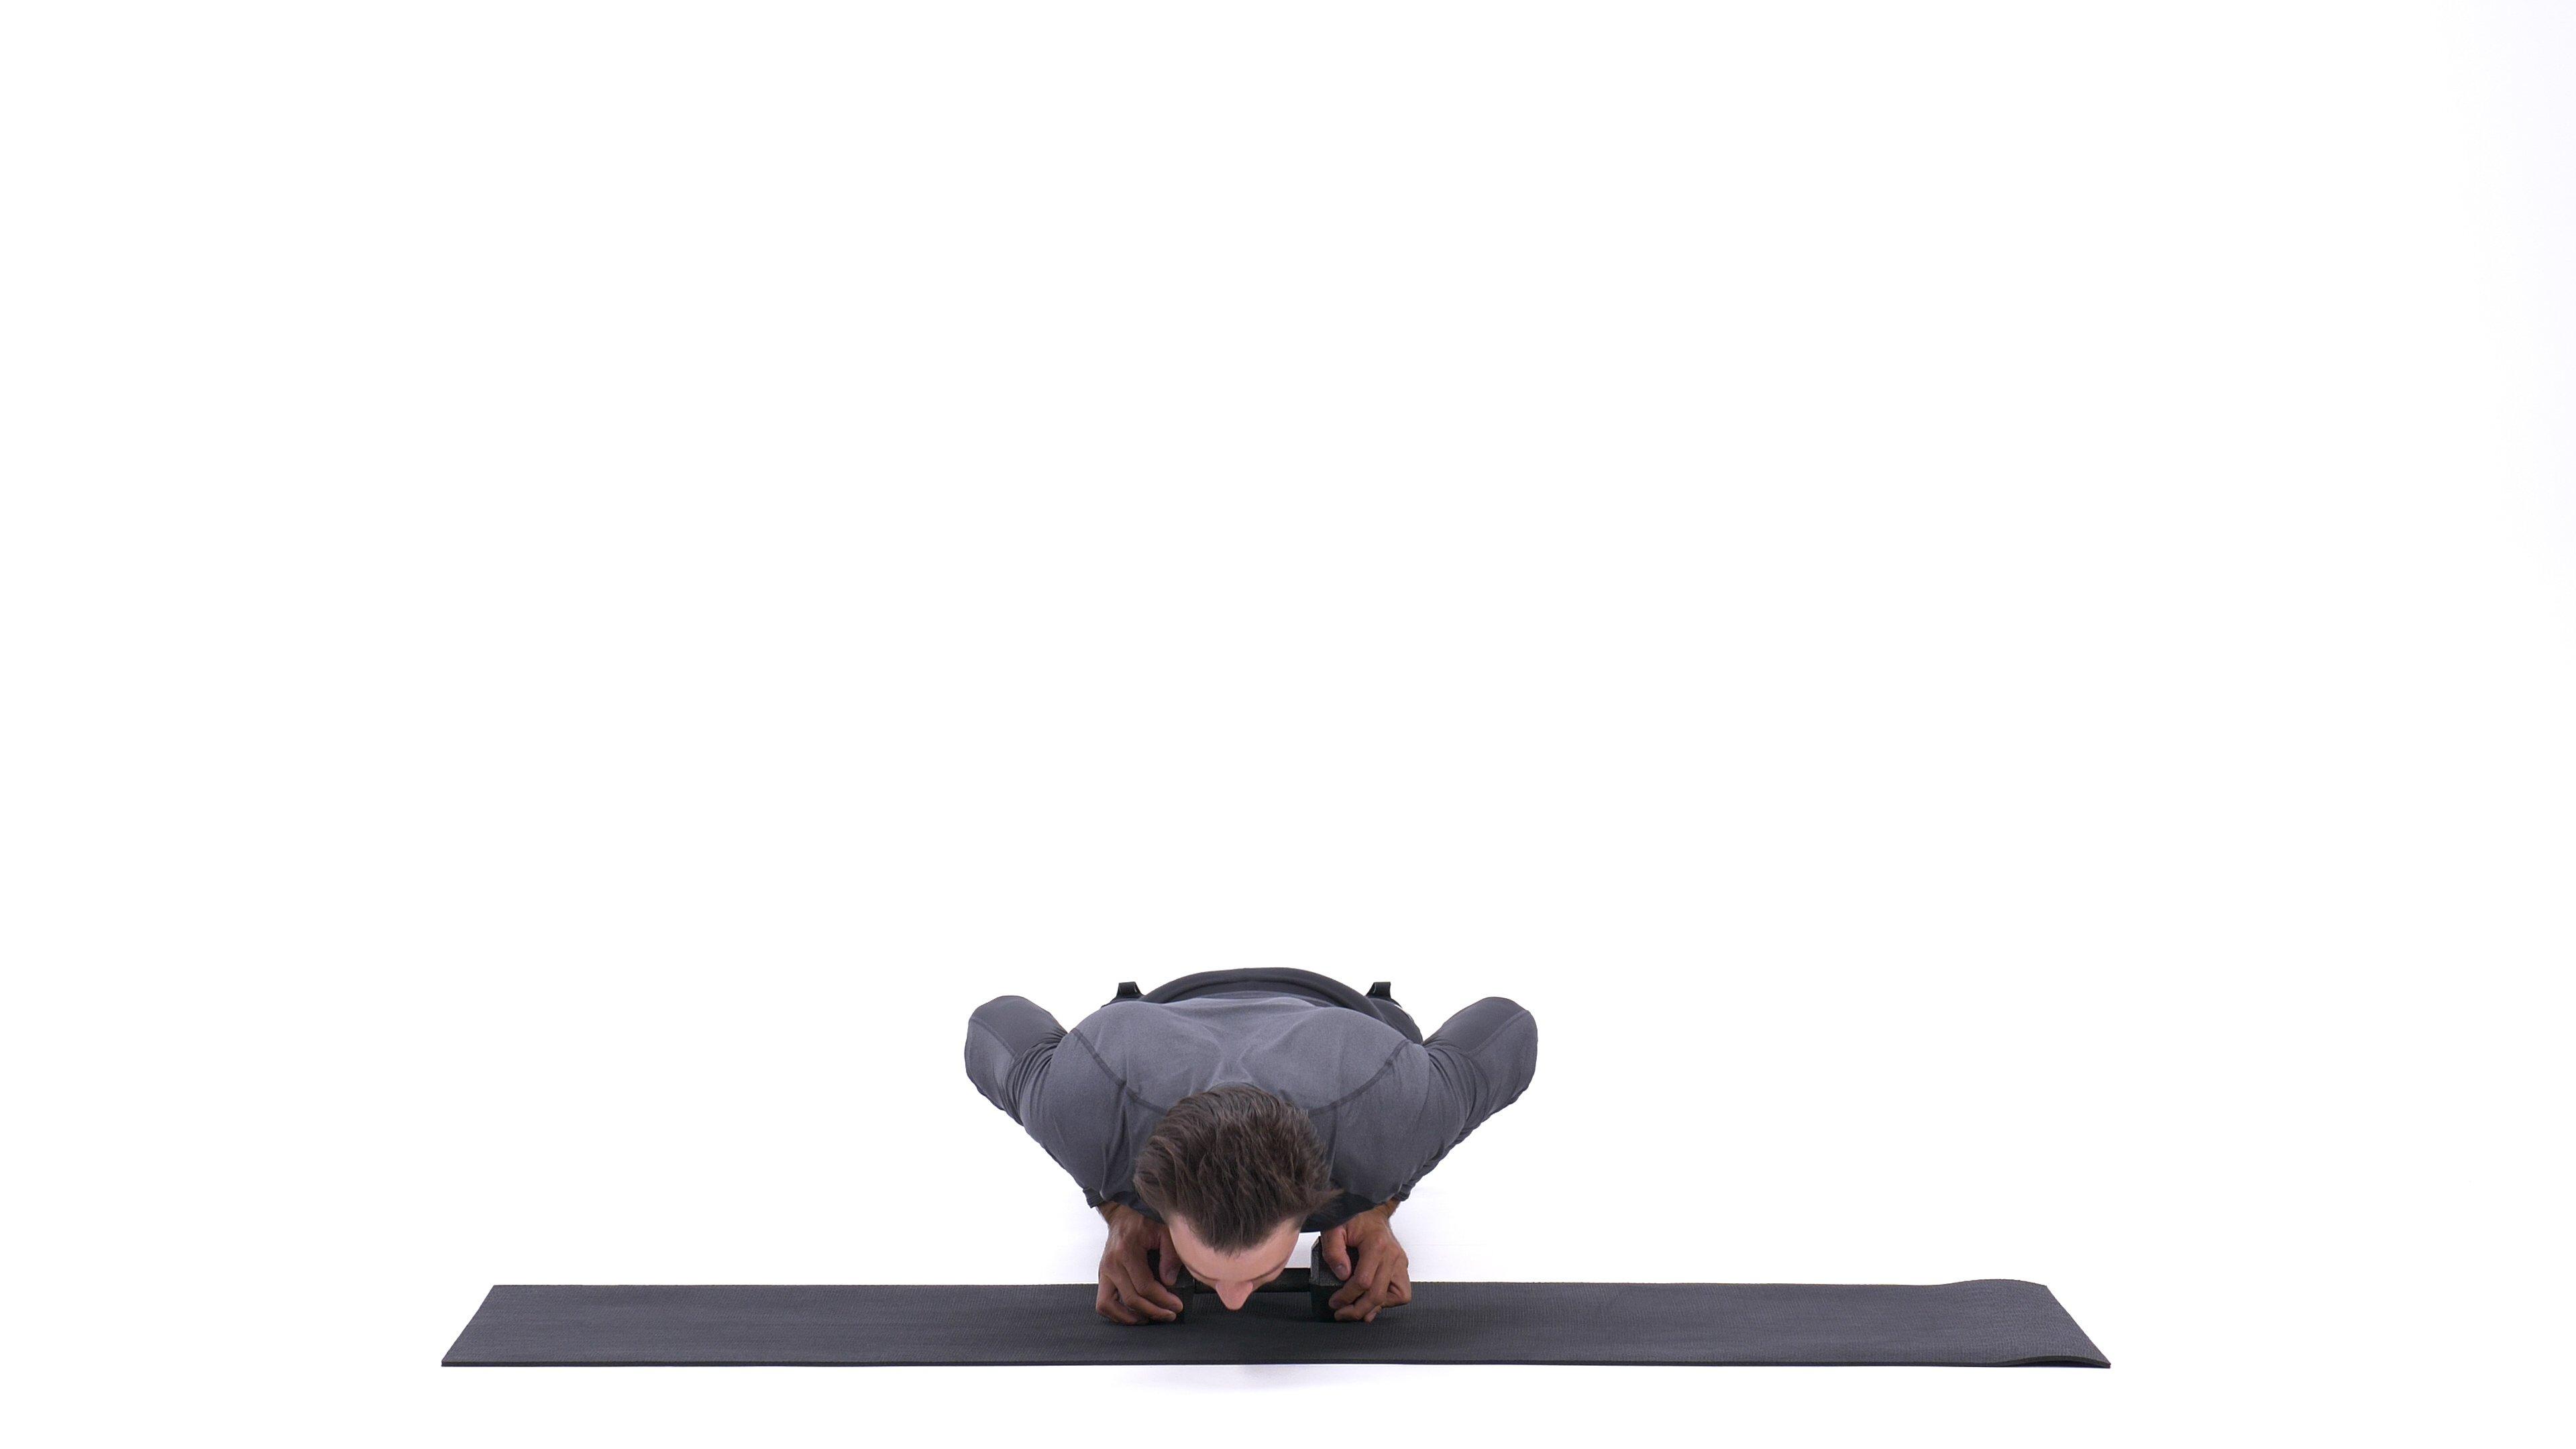 Single-dumbbell push-up image